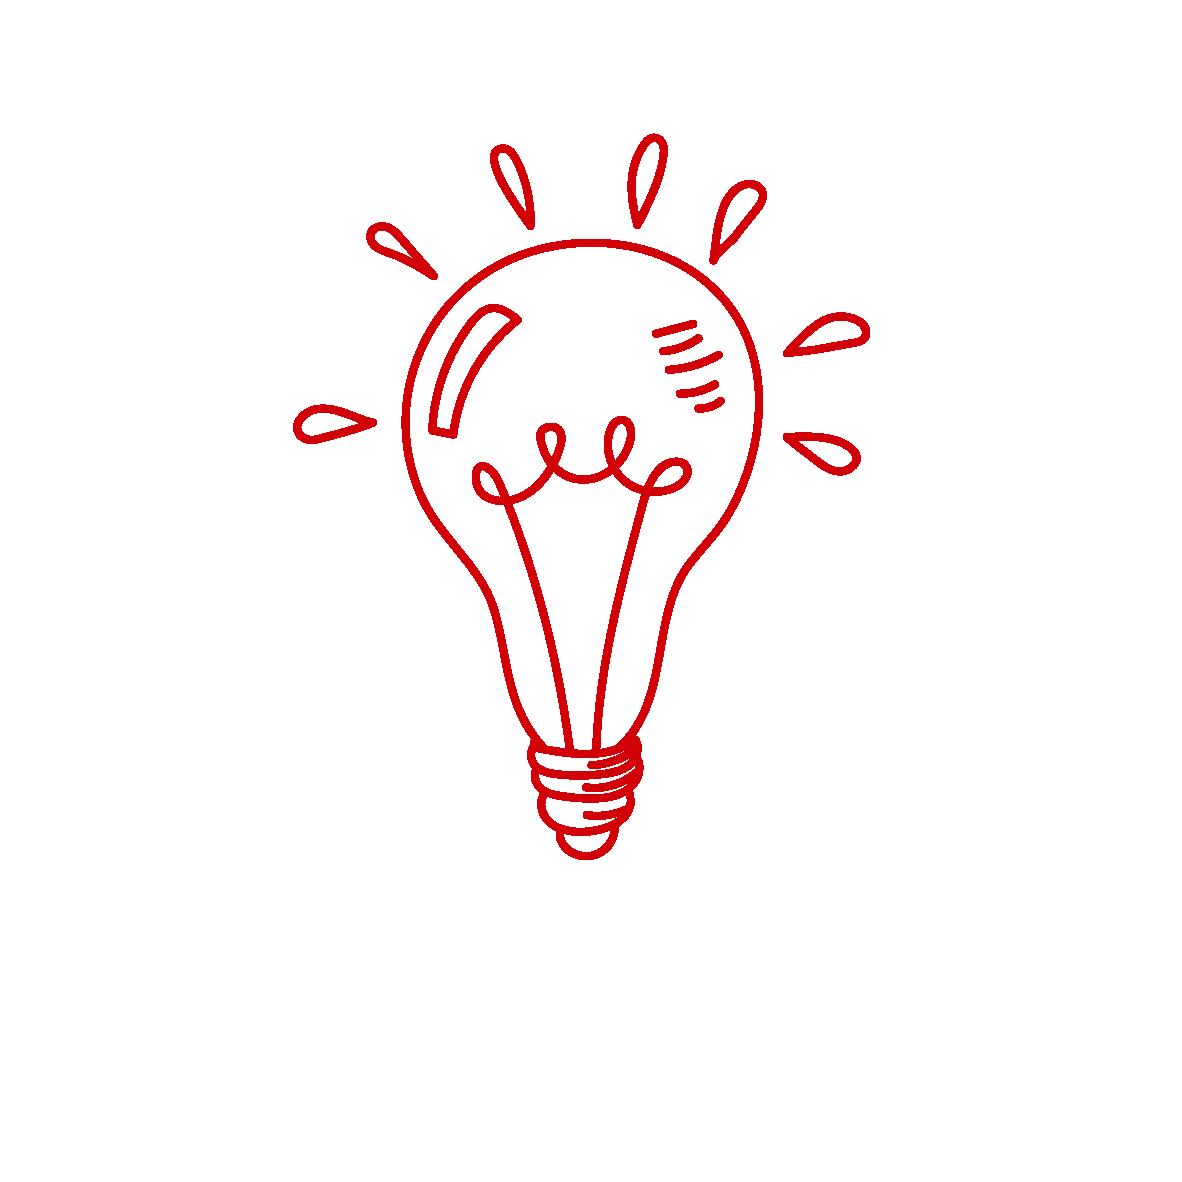 unser Leistungsspektrum über Webdesign Grafikdesign Marketing Video und Druckproduktion